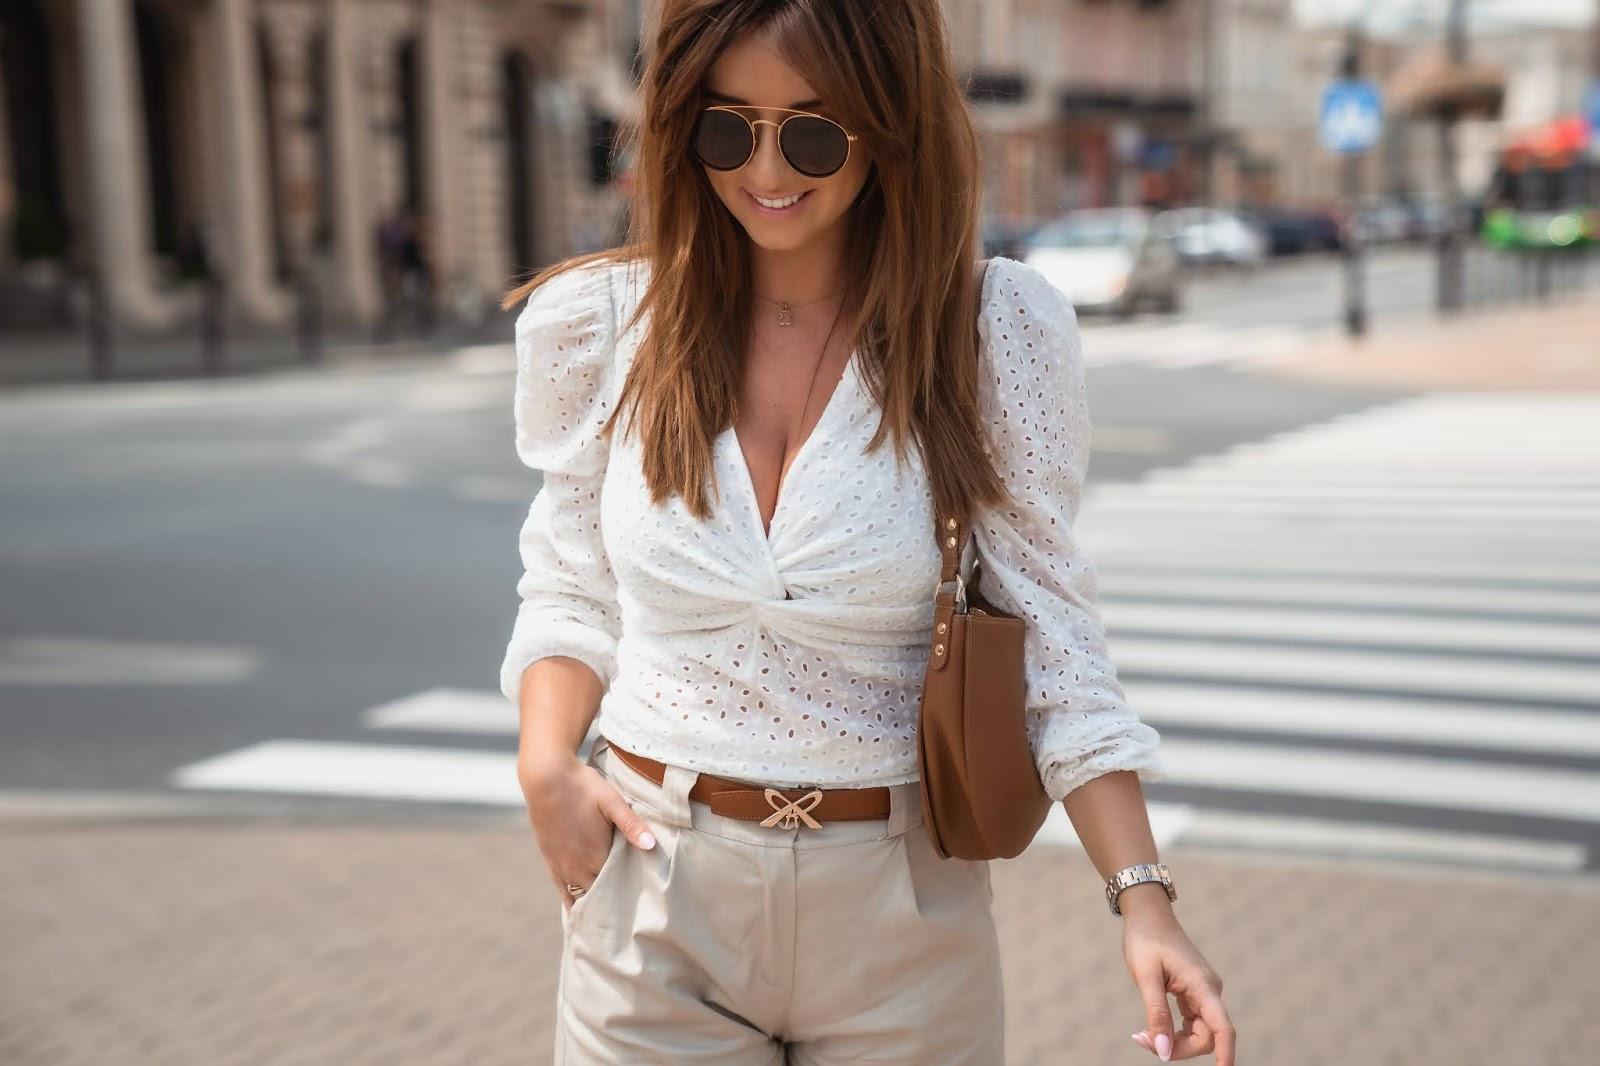 Okulary W Stylu Retro I Zestaw Na Upalne Lato W Miescie Summer In The City Style Styloly Blog By Aleksandra Marzeda